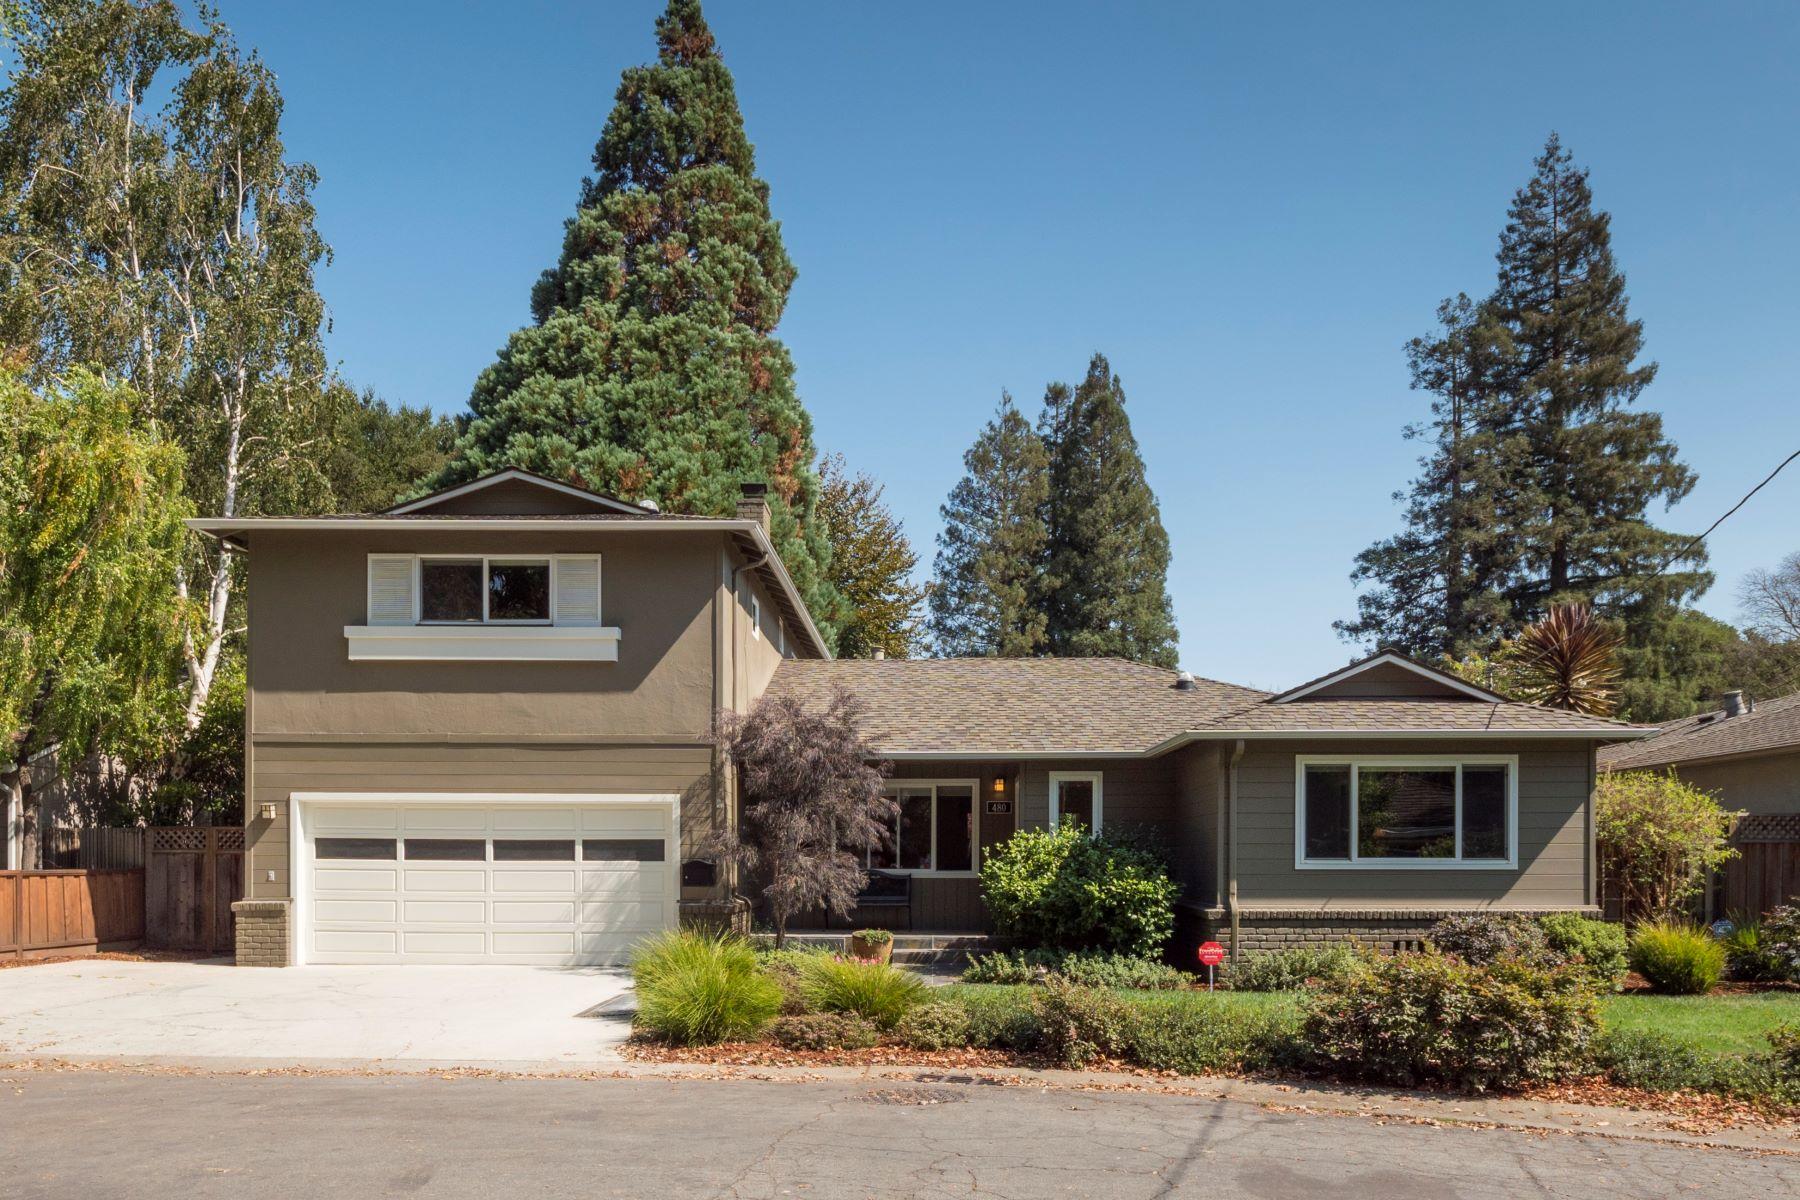 واحد منزل الأسرة للـ Sale في 480 Santa Margarita Ave Menlo Park, California 94025 United States